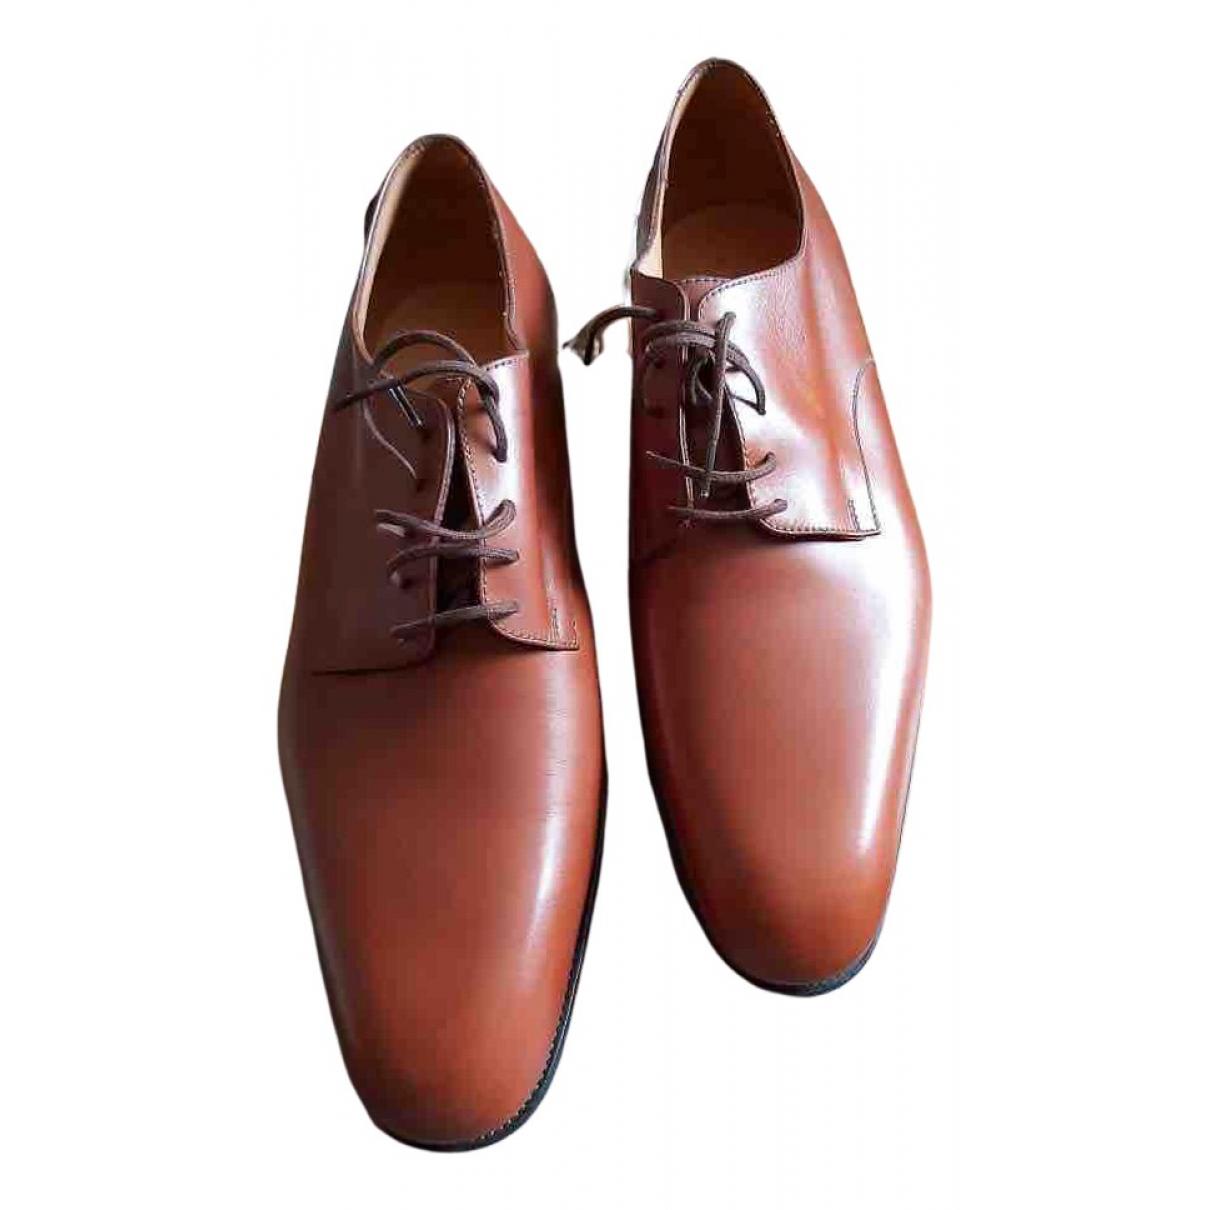 Jm Weston - Derbies   pour homme en cuir - marron